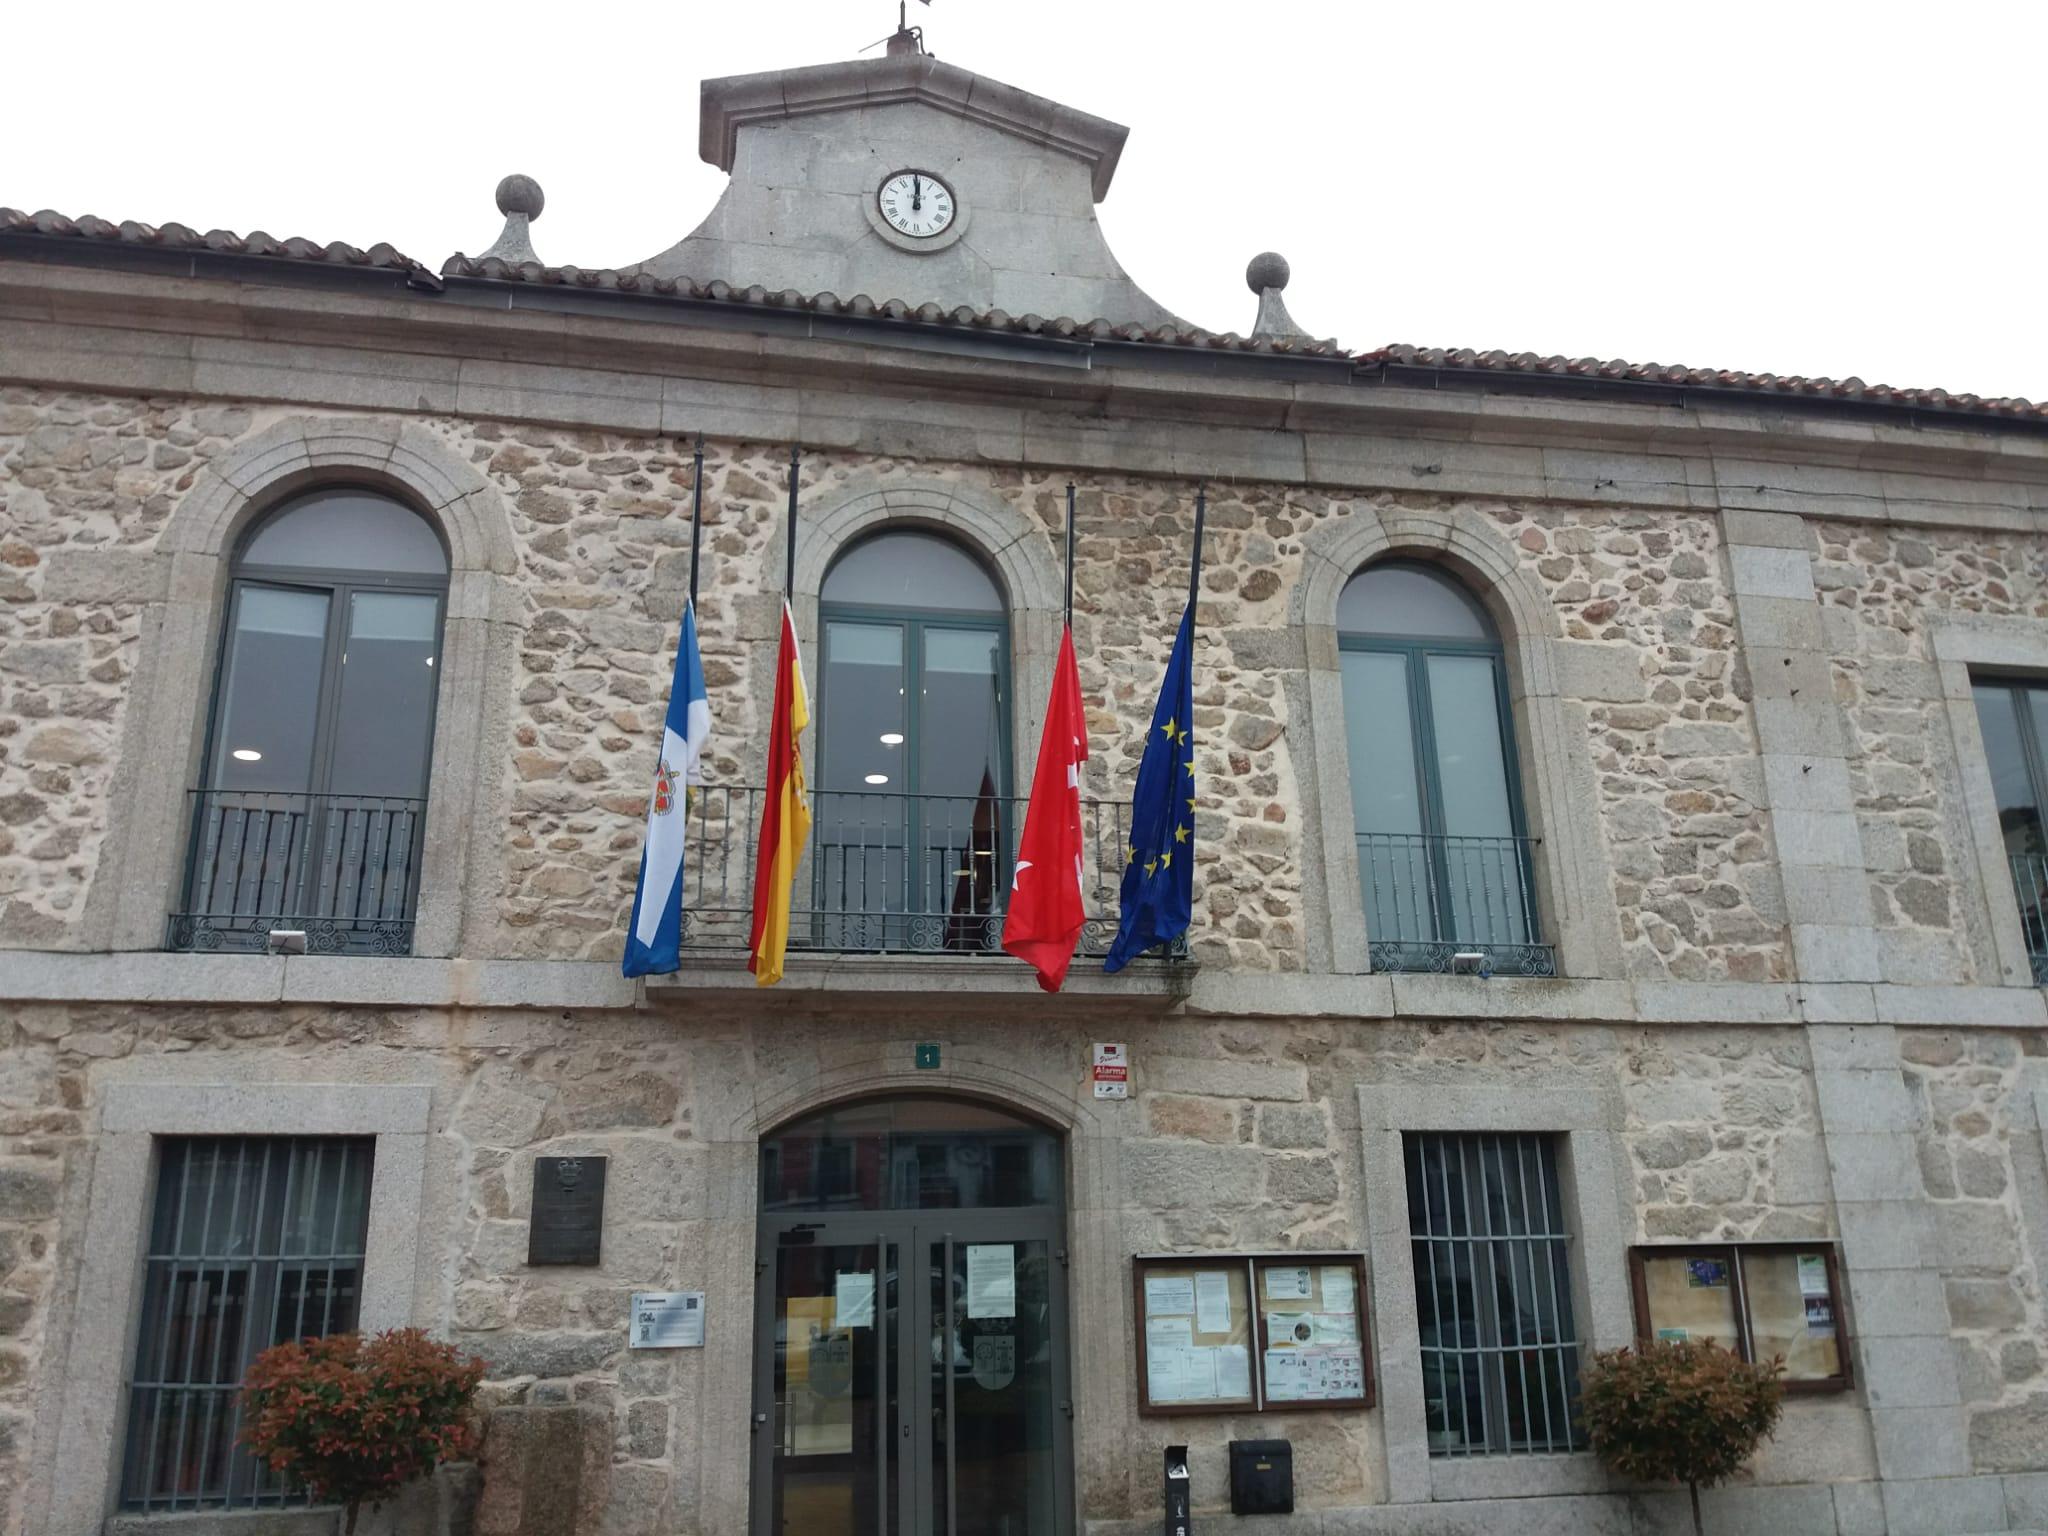 """El Ayuntamiento de Valdemorillo destaca el """"importante respaldo"""" que supone para autónomos y pymes locales el Plan de apoyo y financiación aprobado por el  Consejo de Gobierno de la Comunidad de Madrid"""